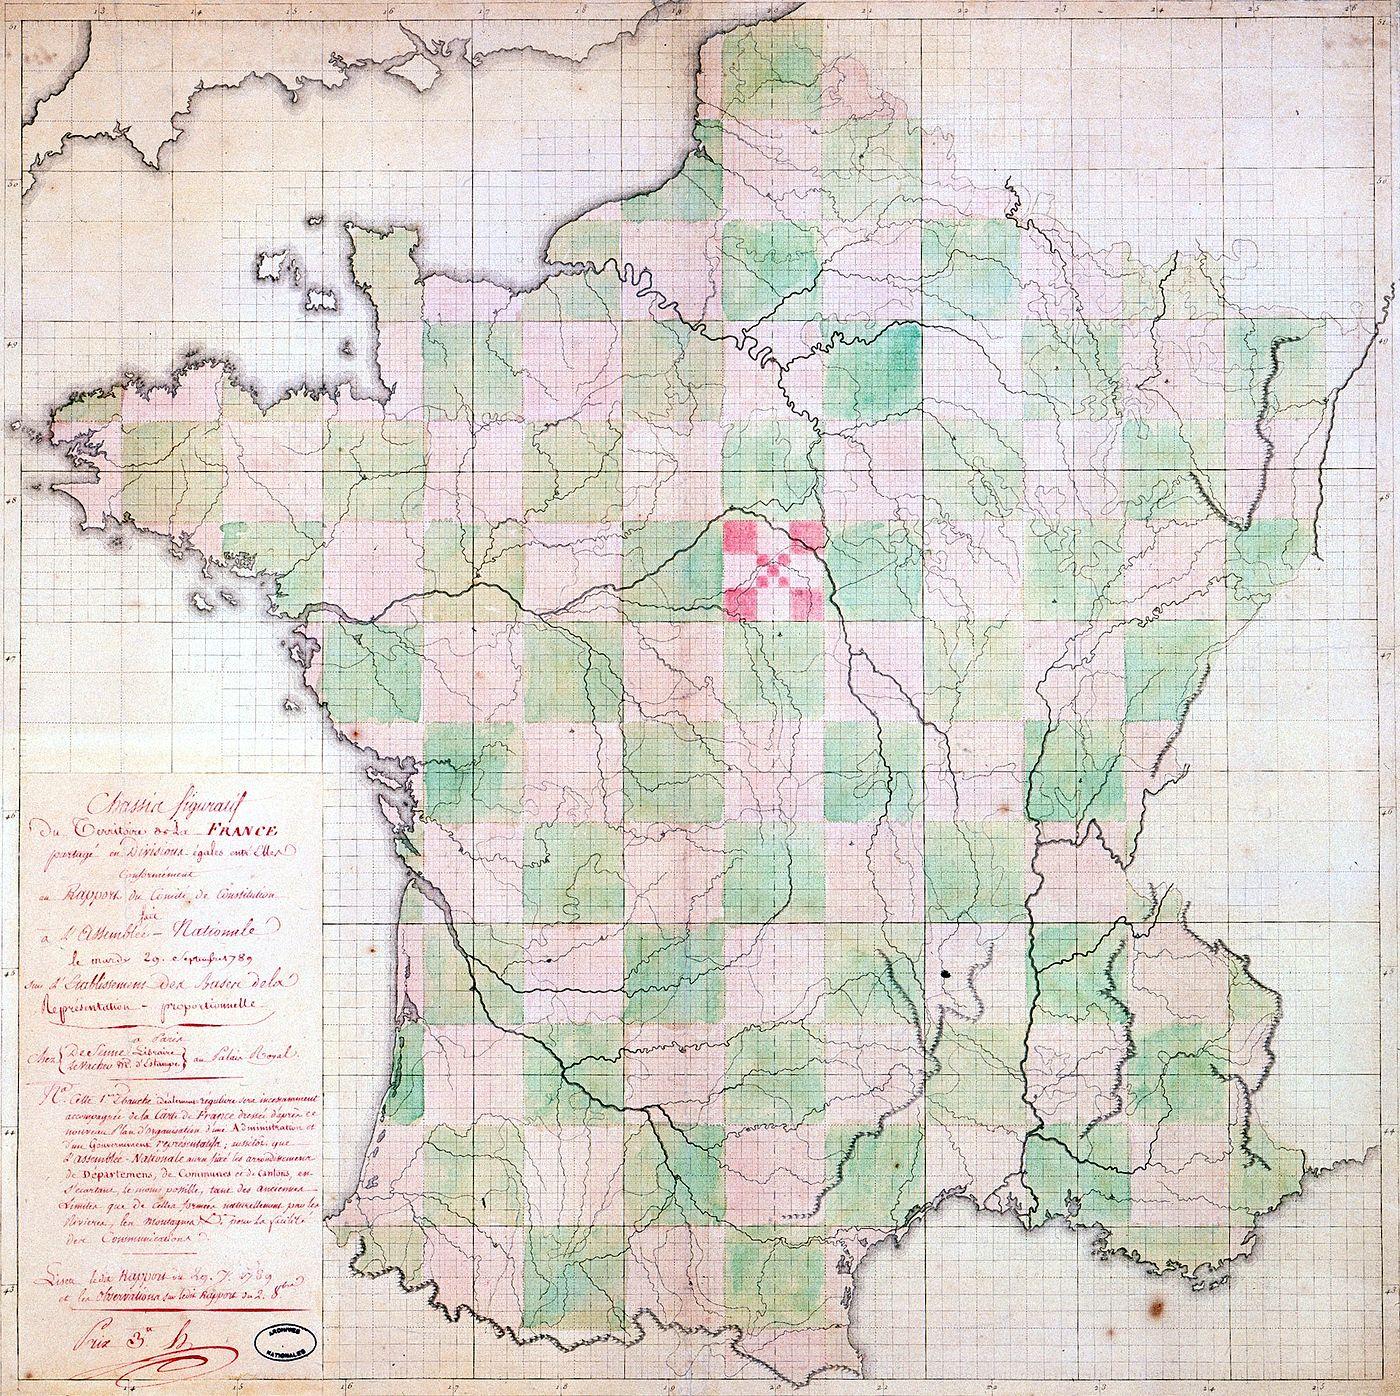 La Formation Des Départements   Histoire Et Analyse D'images intérieur Carte Anciennes Provinces Françaises